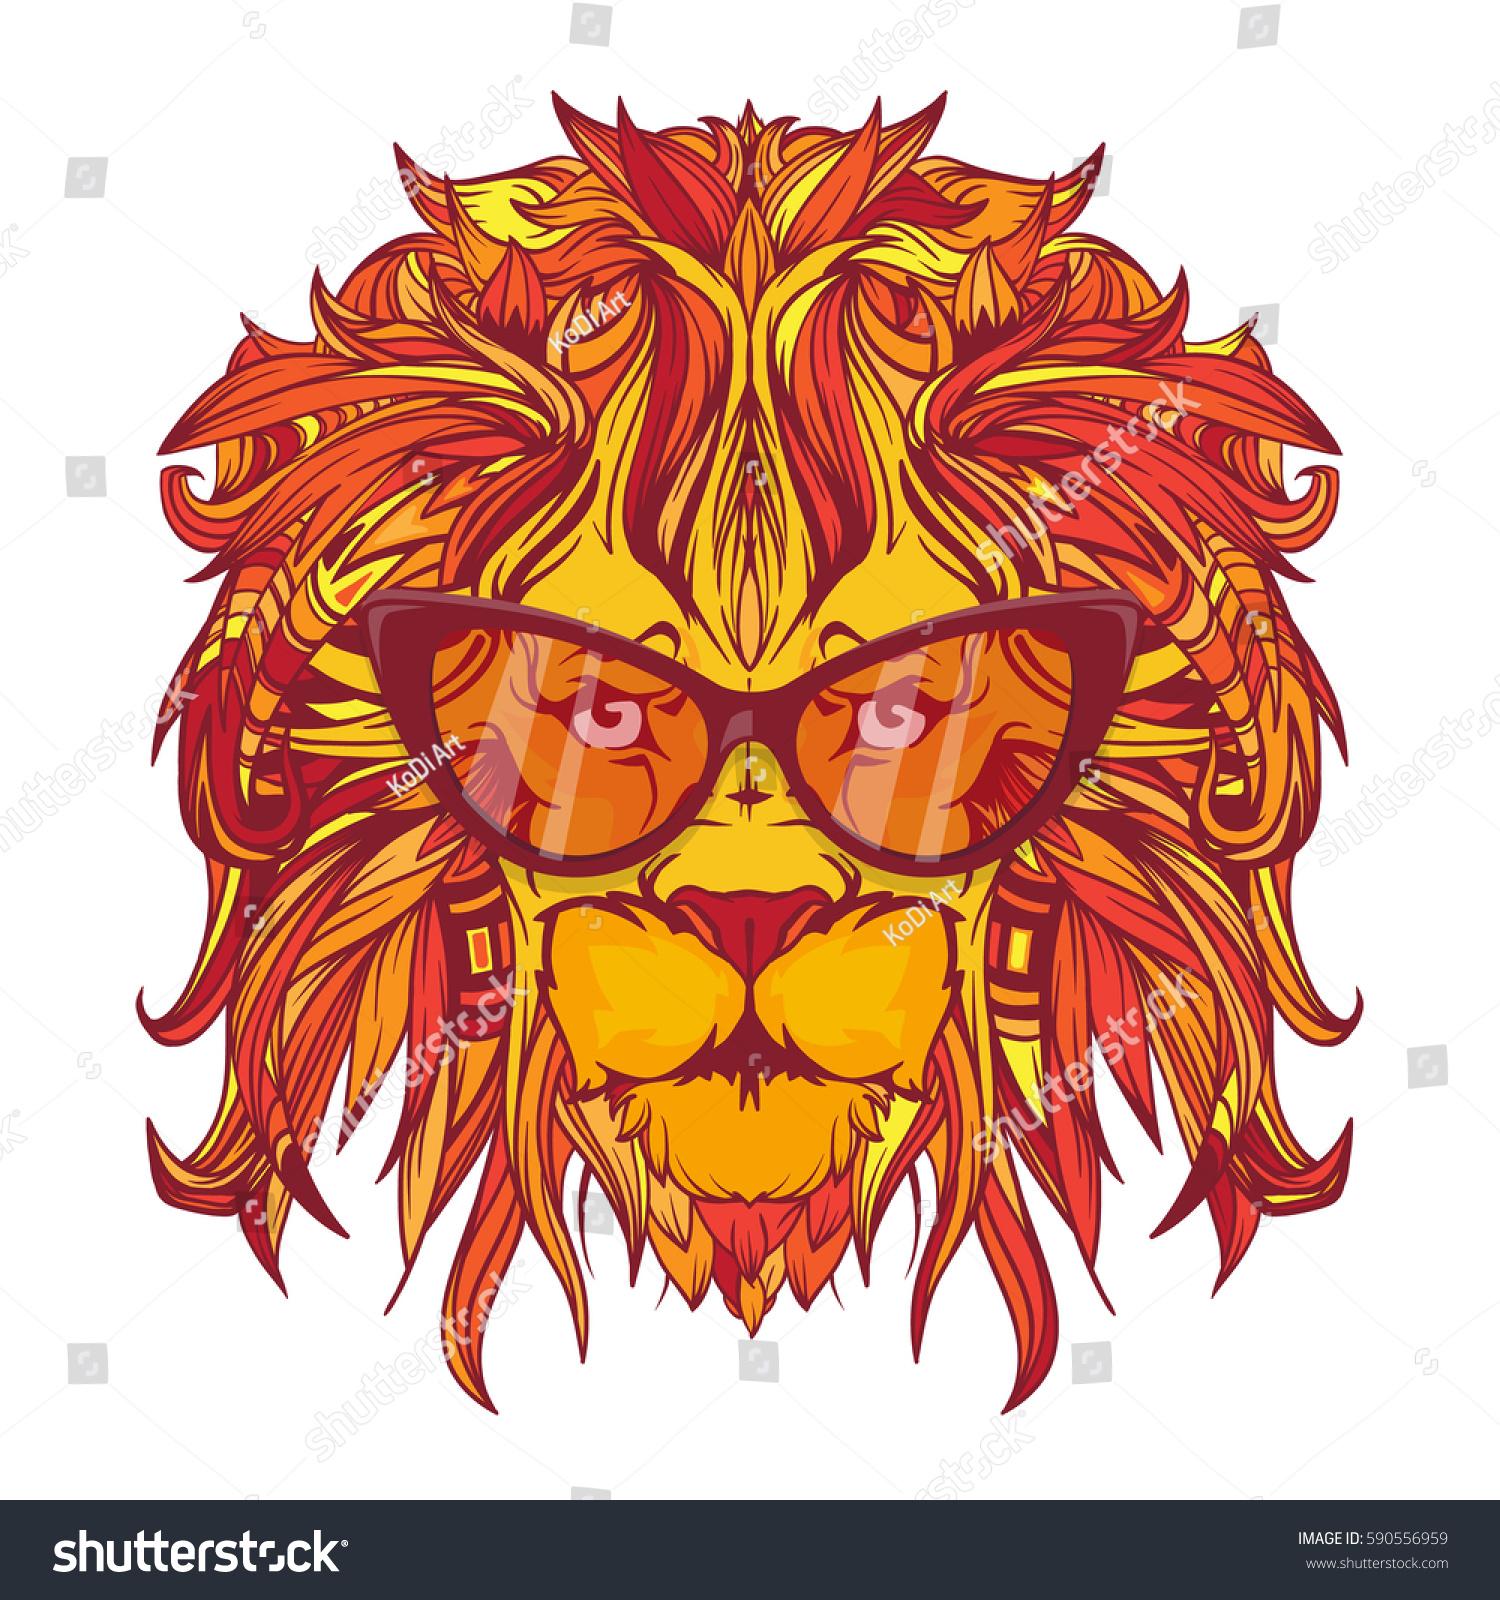 yellow lion logo - photo #40